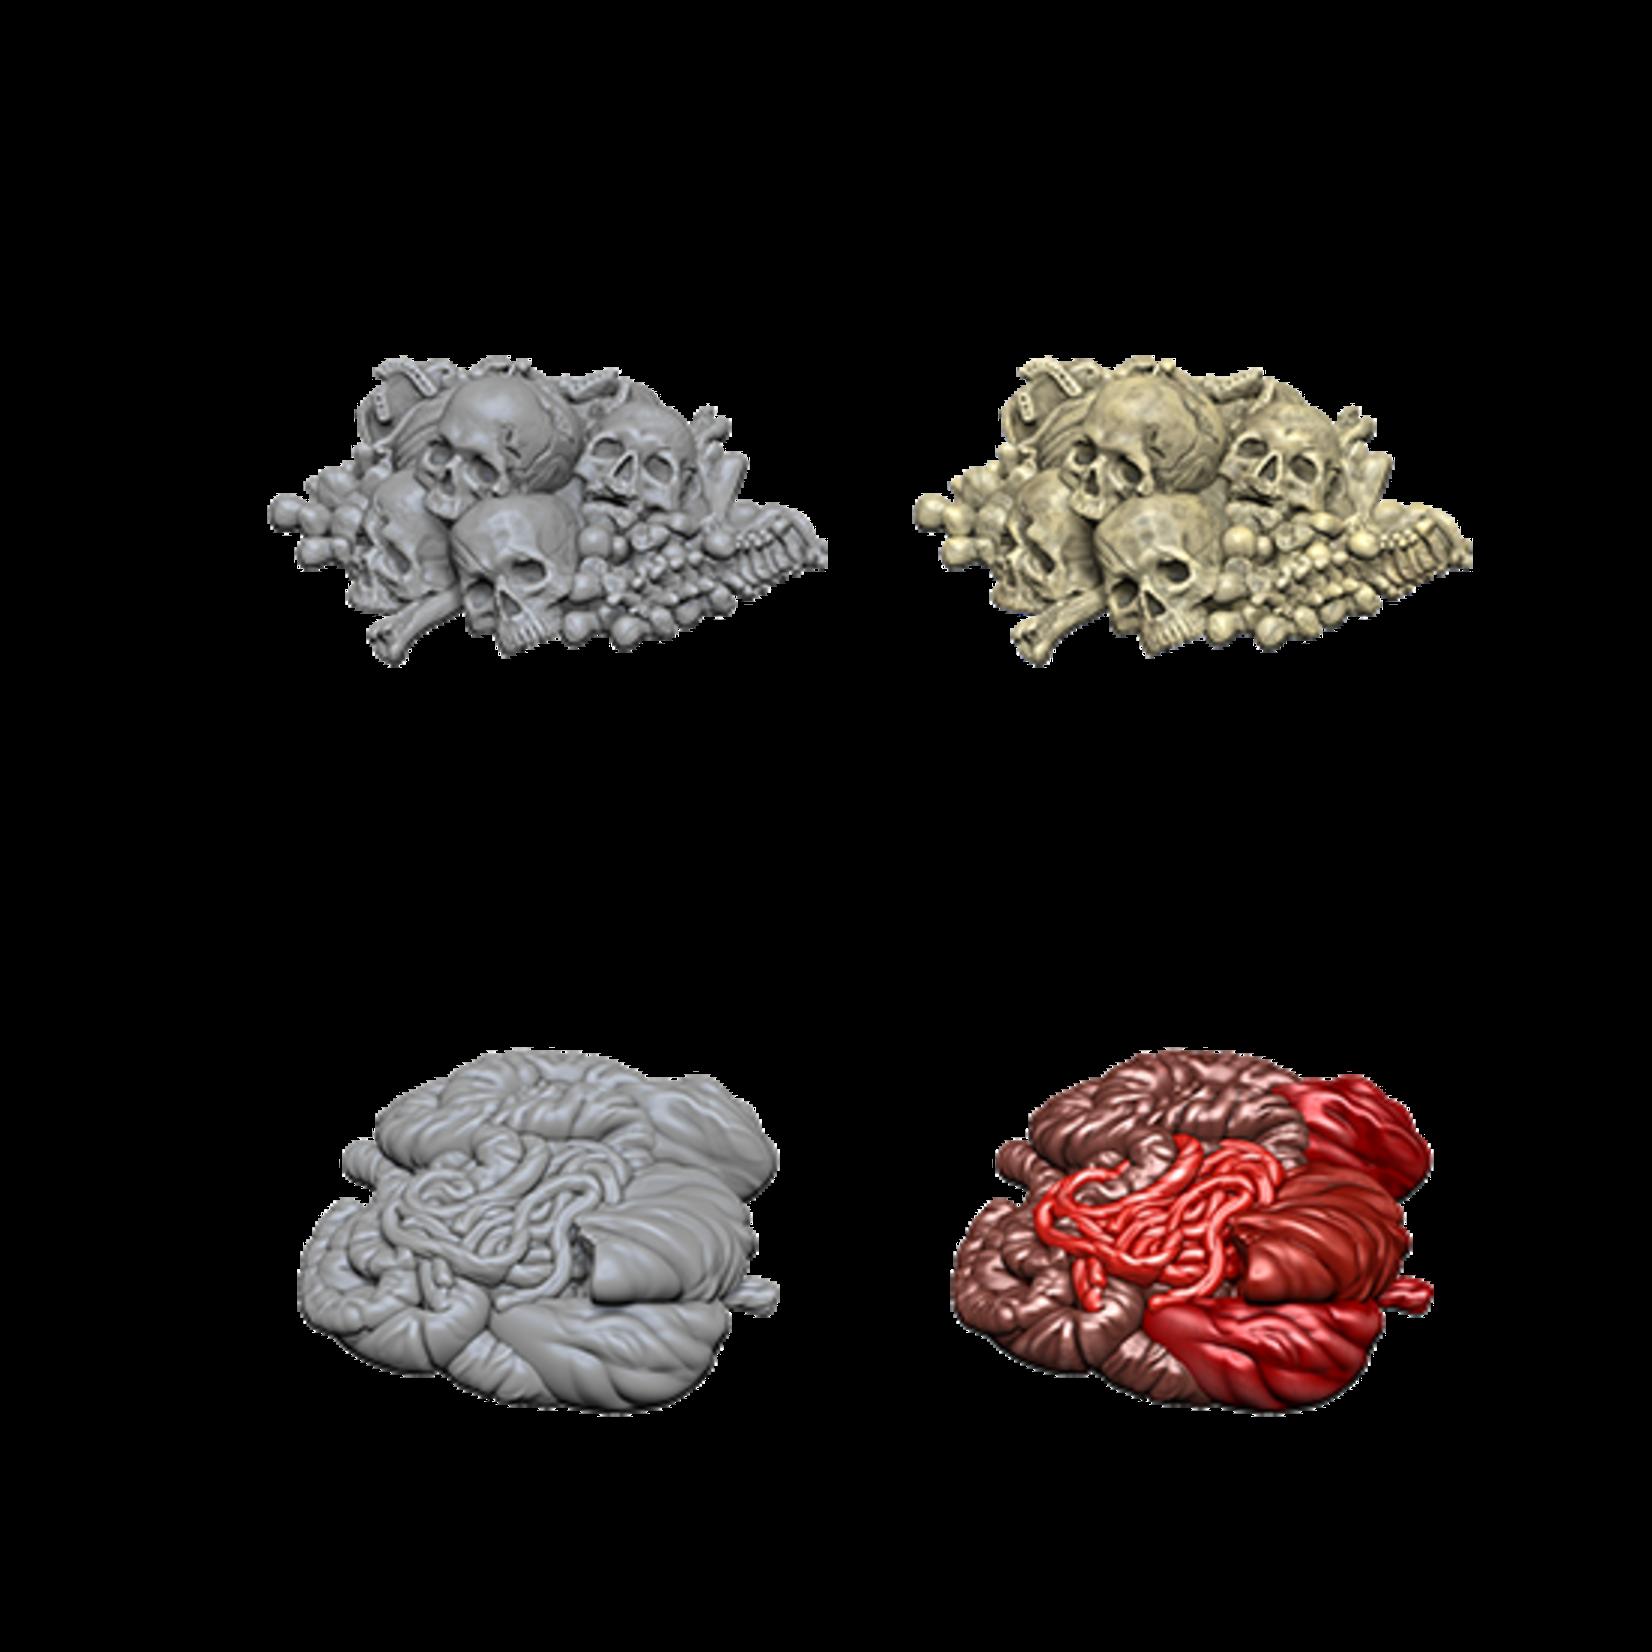 WizKids WizKids Deep Cuts Unpainted Miniatures: Pile of Bones & Entrails (W6)